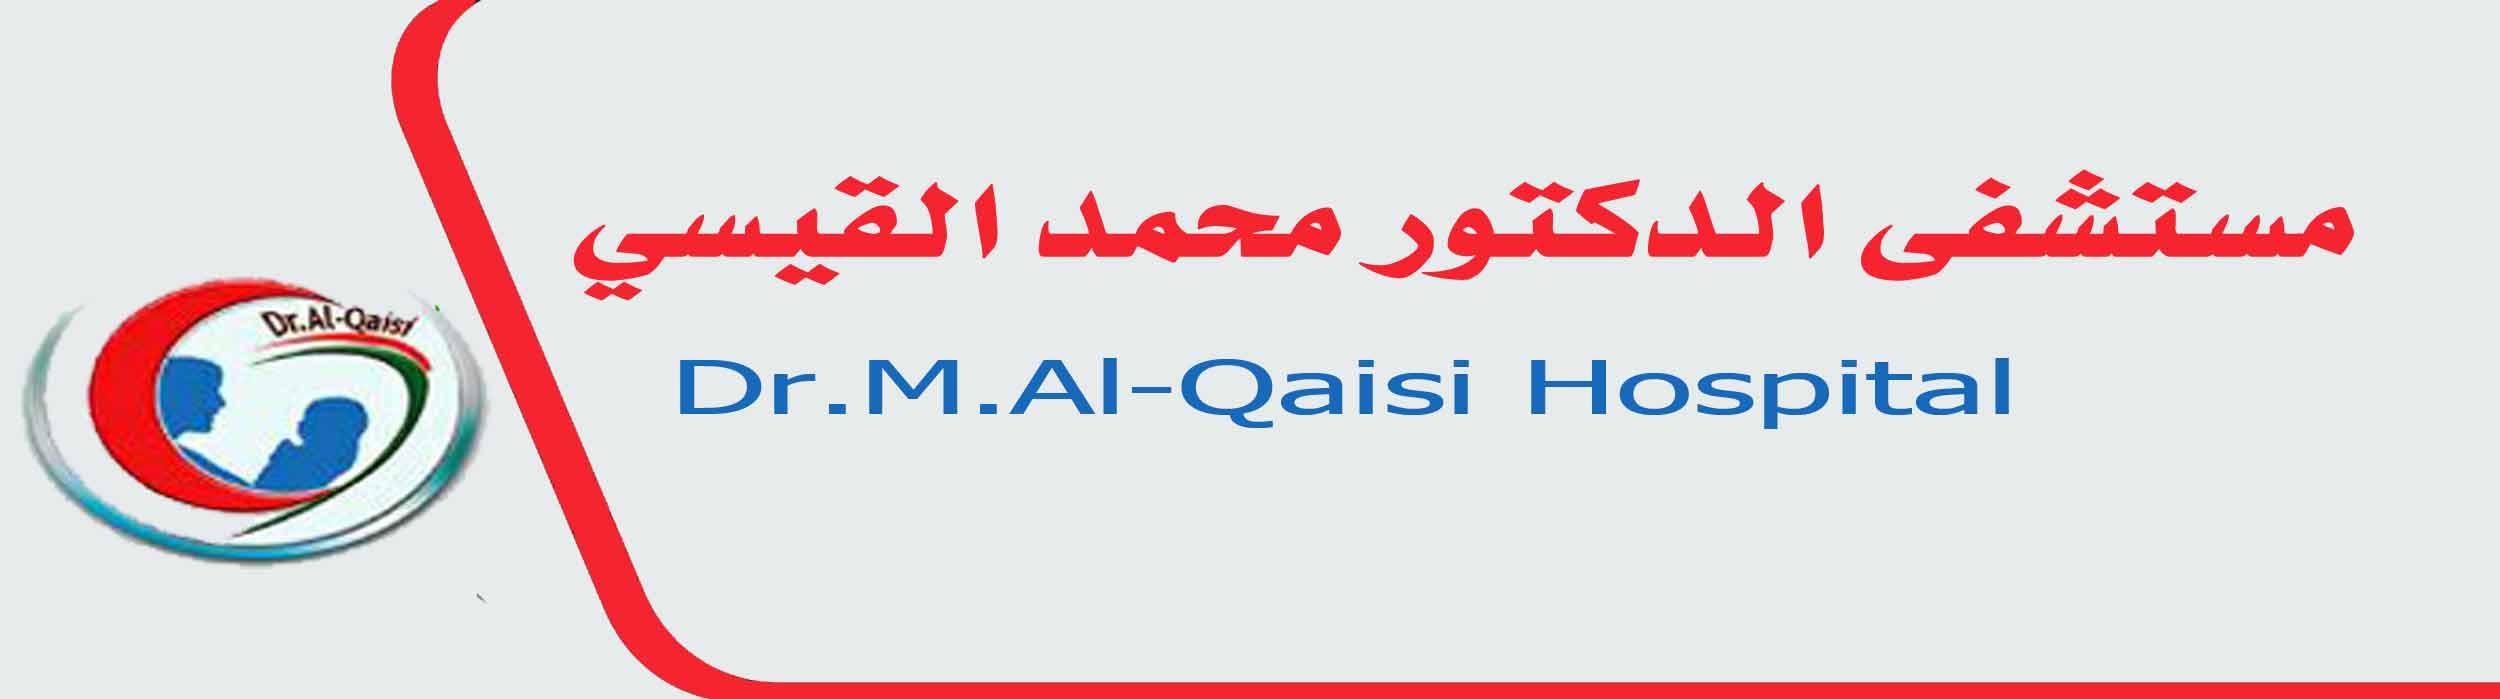 مستشفى الدكتور محمد القيسي